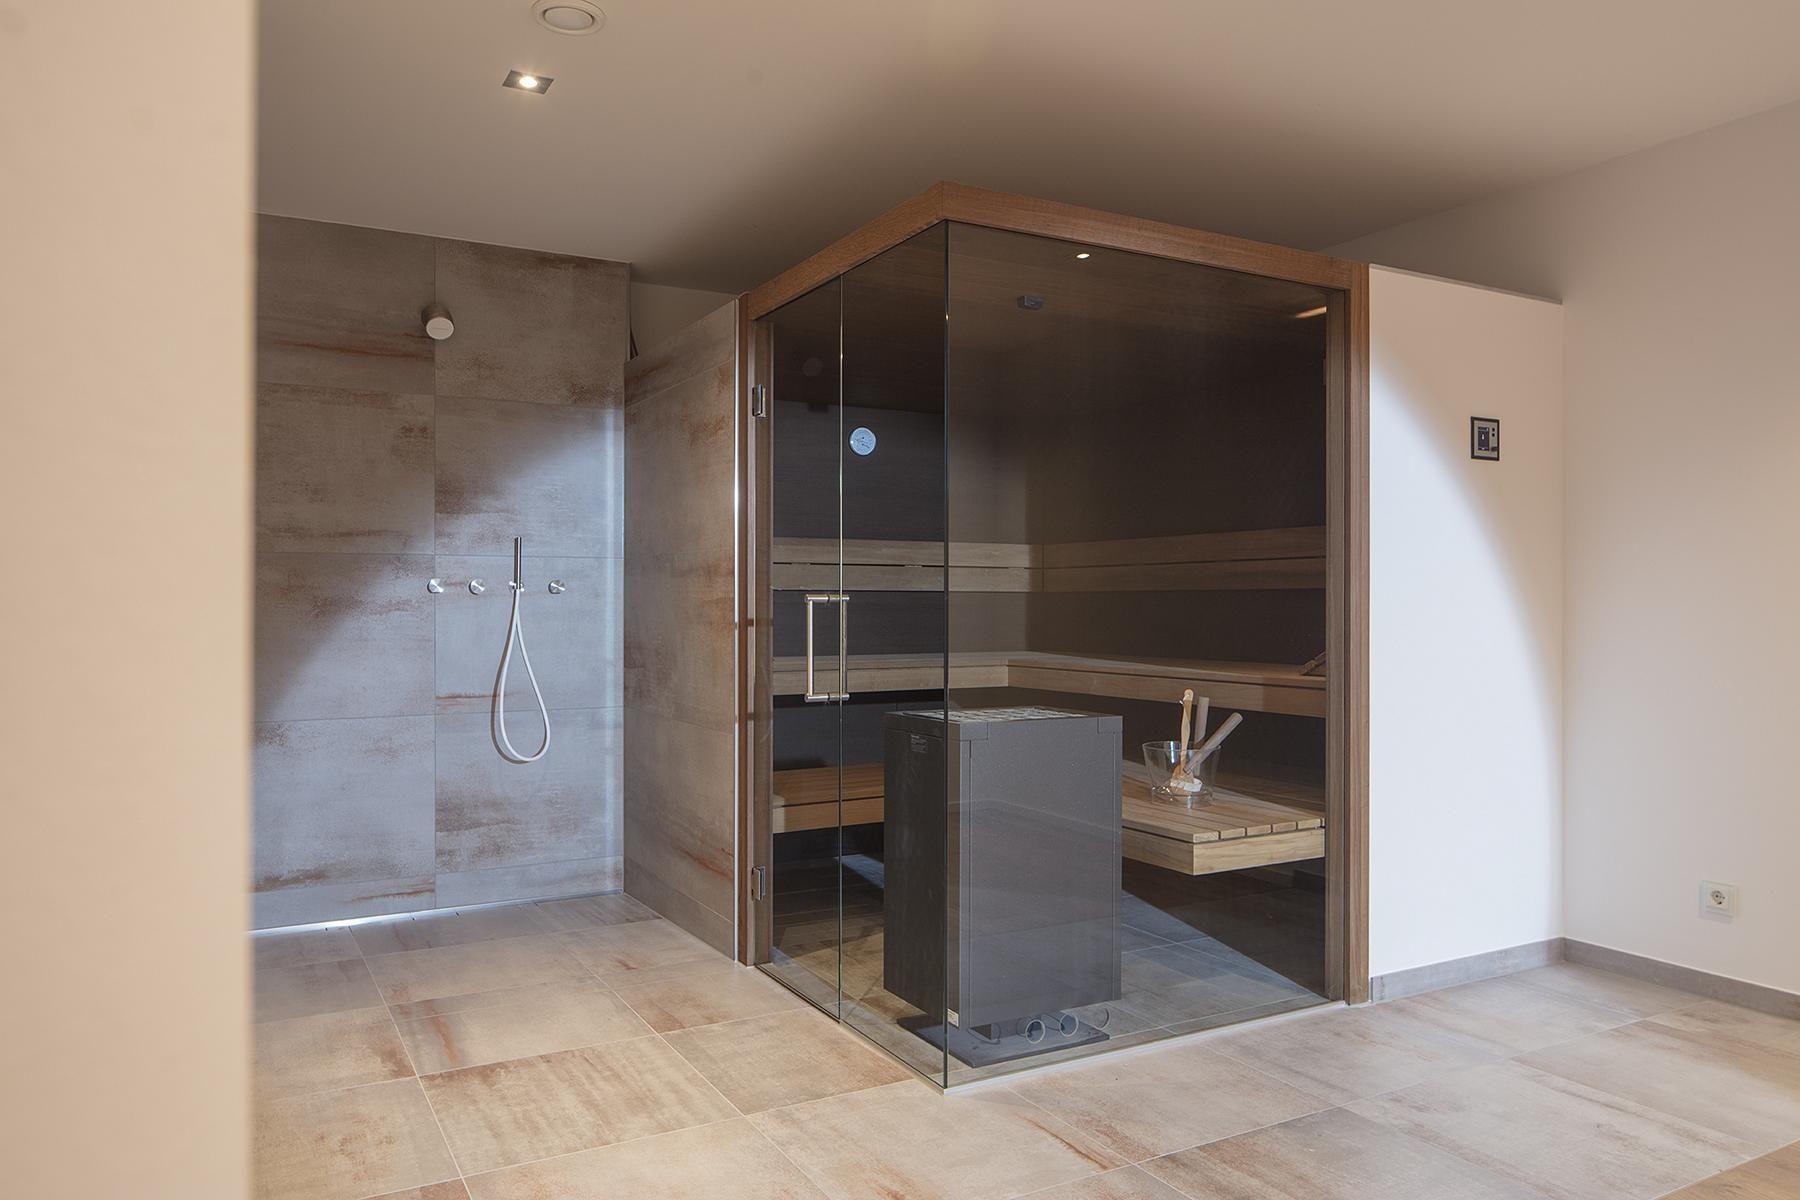 Sauna Entspannung Mit Ausblick In Der Corso Designsauna Mit Glasfront Uber Eck Und Inneneinrichtung Aus Eic Sauna Fur Zuhause Sauna Ideen Badezimmer Mit Sauna